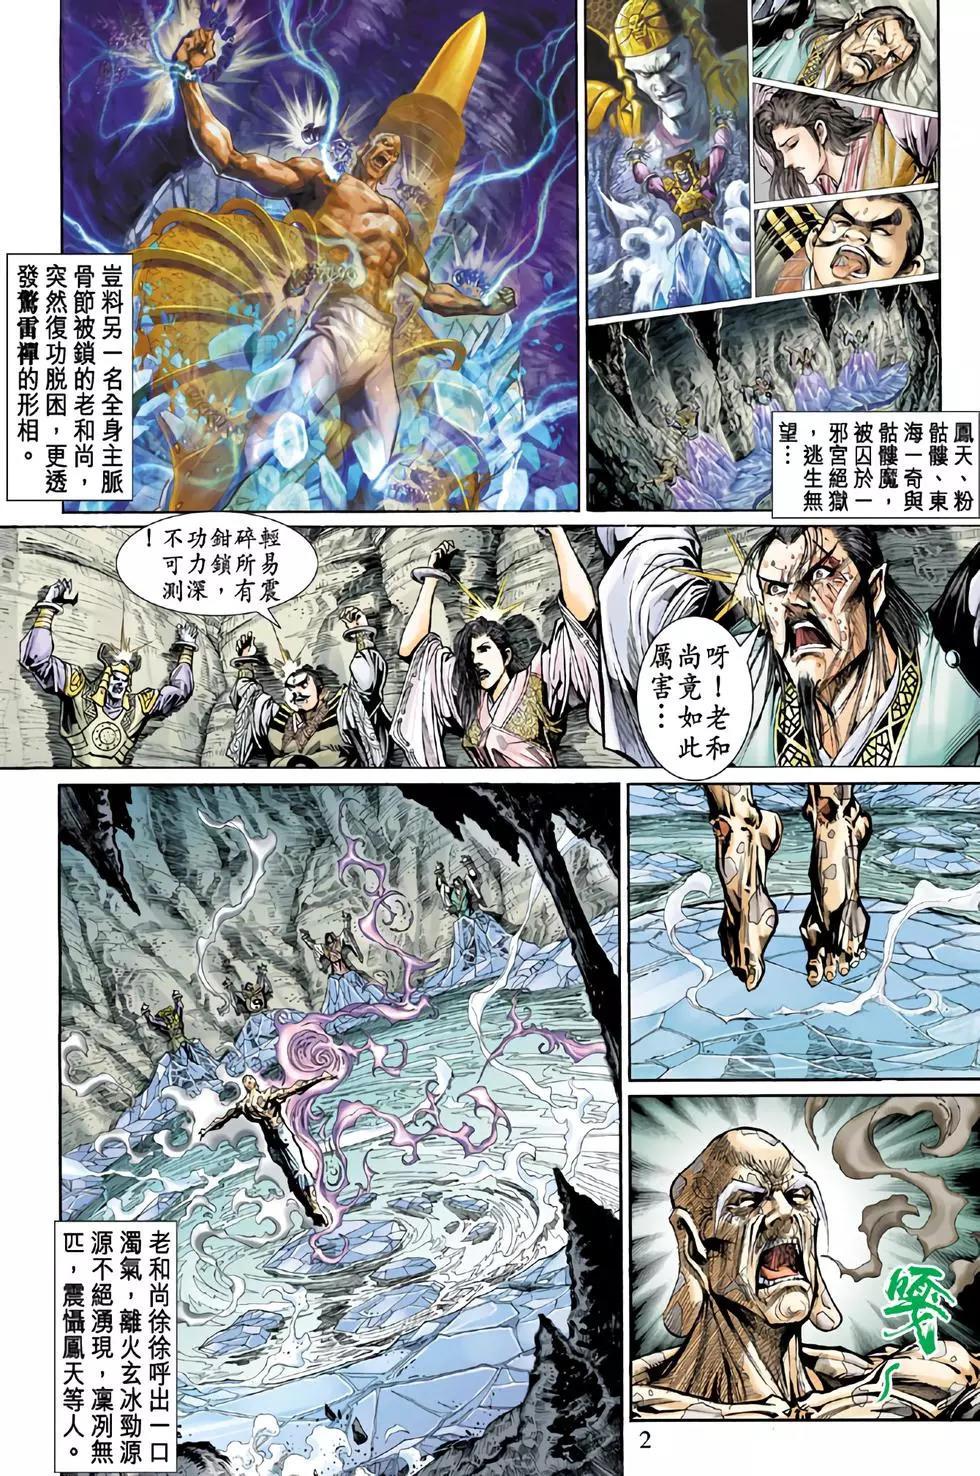 天子傳奇5 如來神掌漫畫單行本 第050卷 天佛降世-漫畫DB